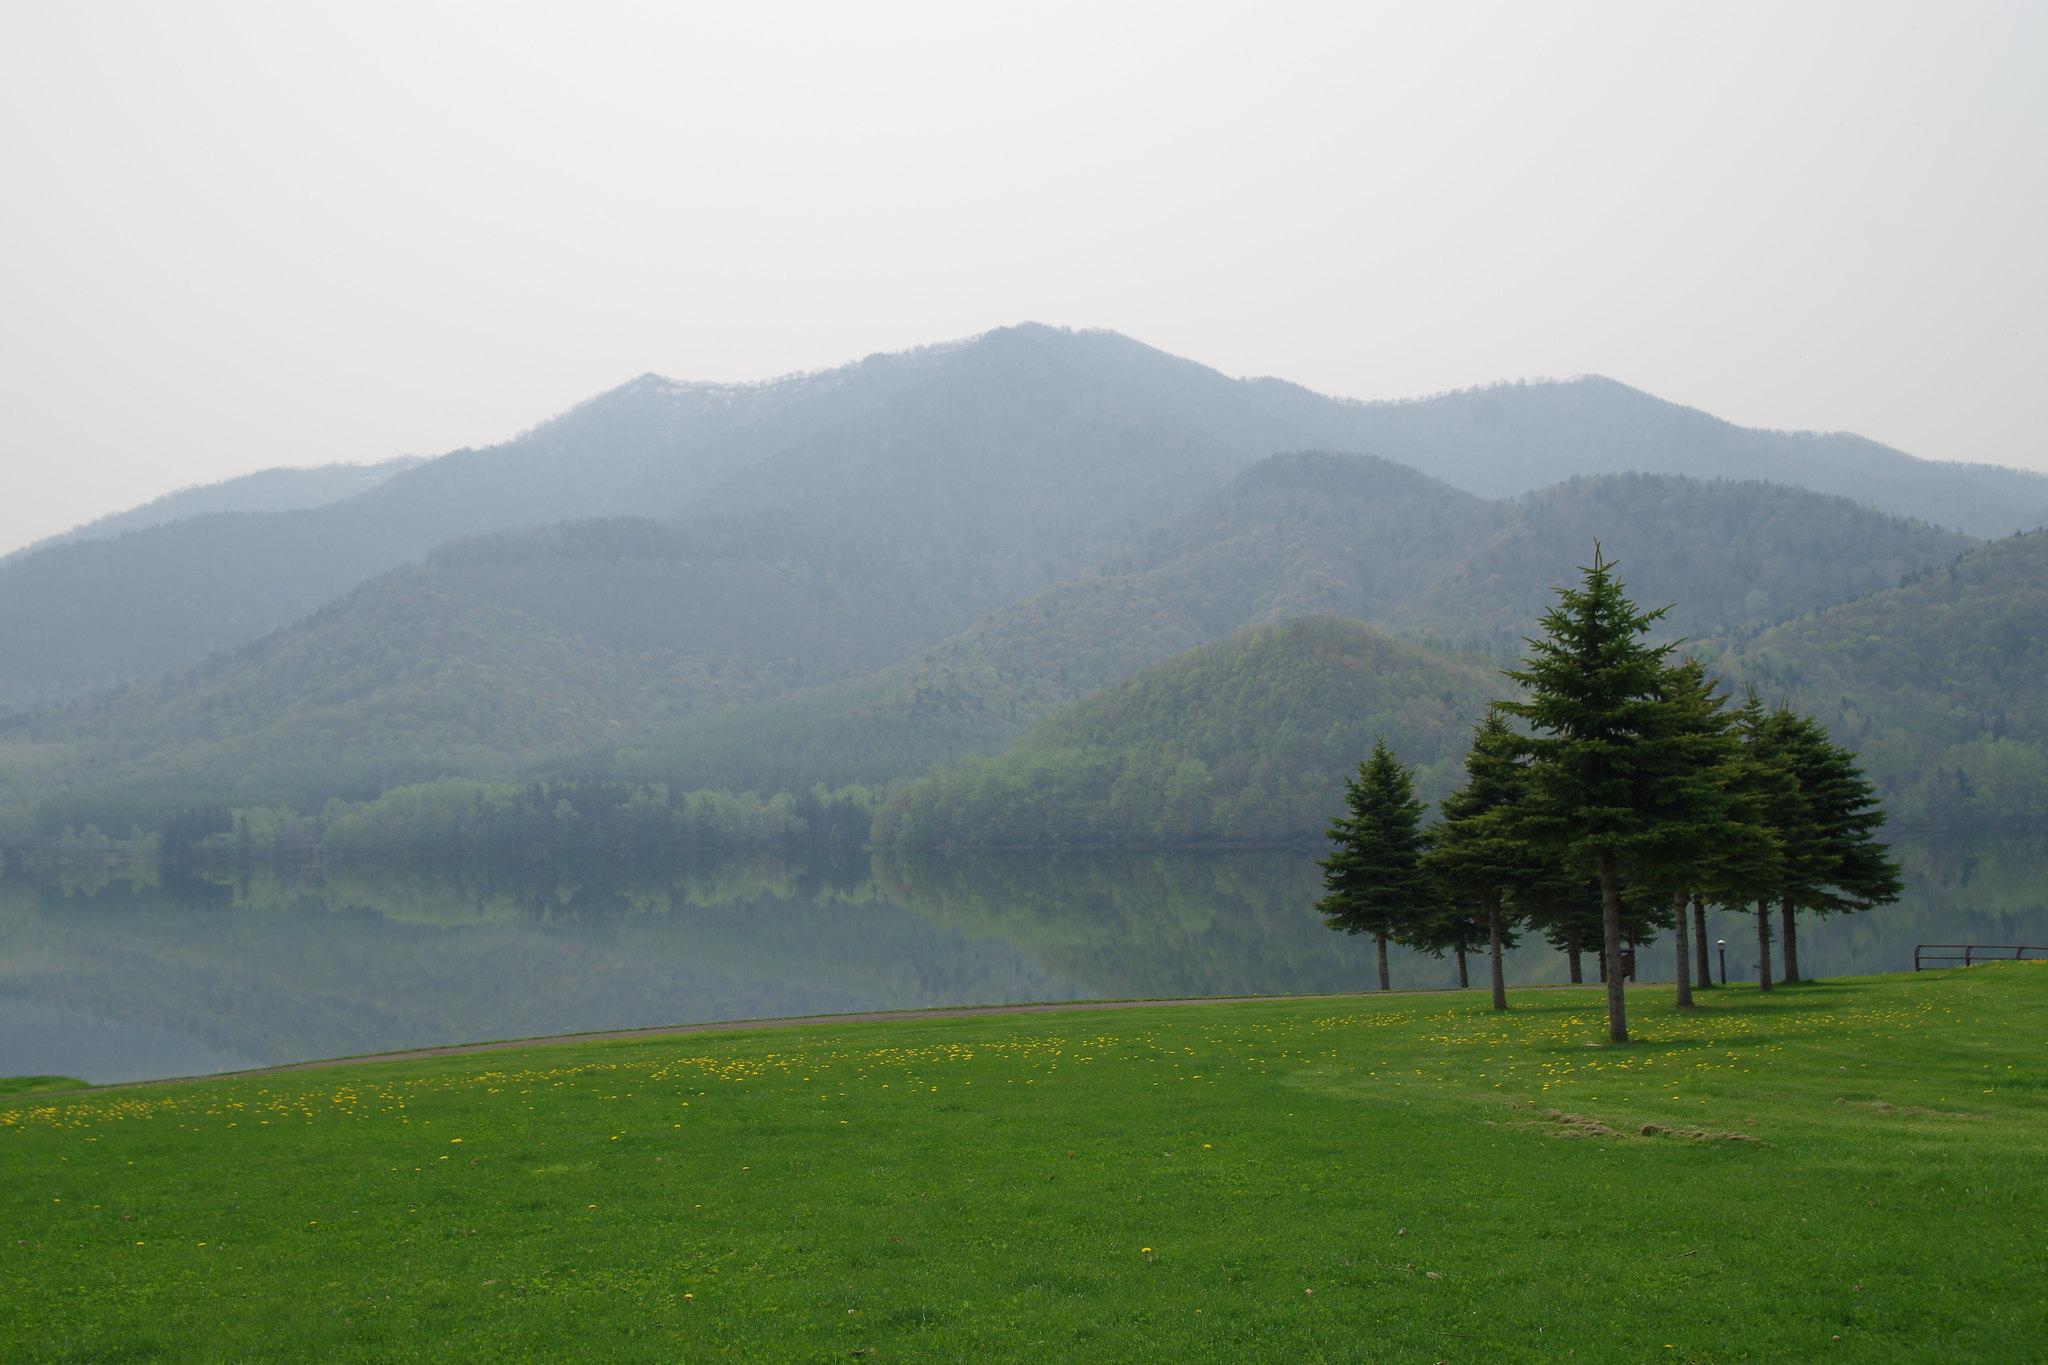 最熱的五月北海道之旅--圖多慎入